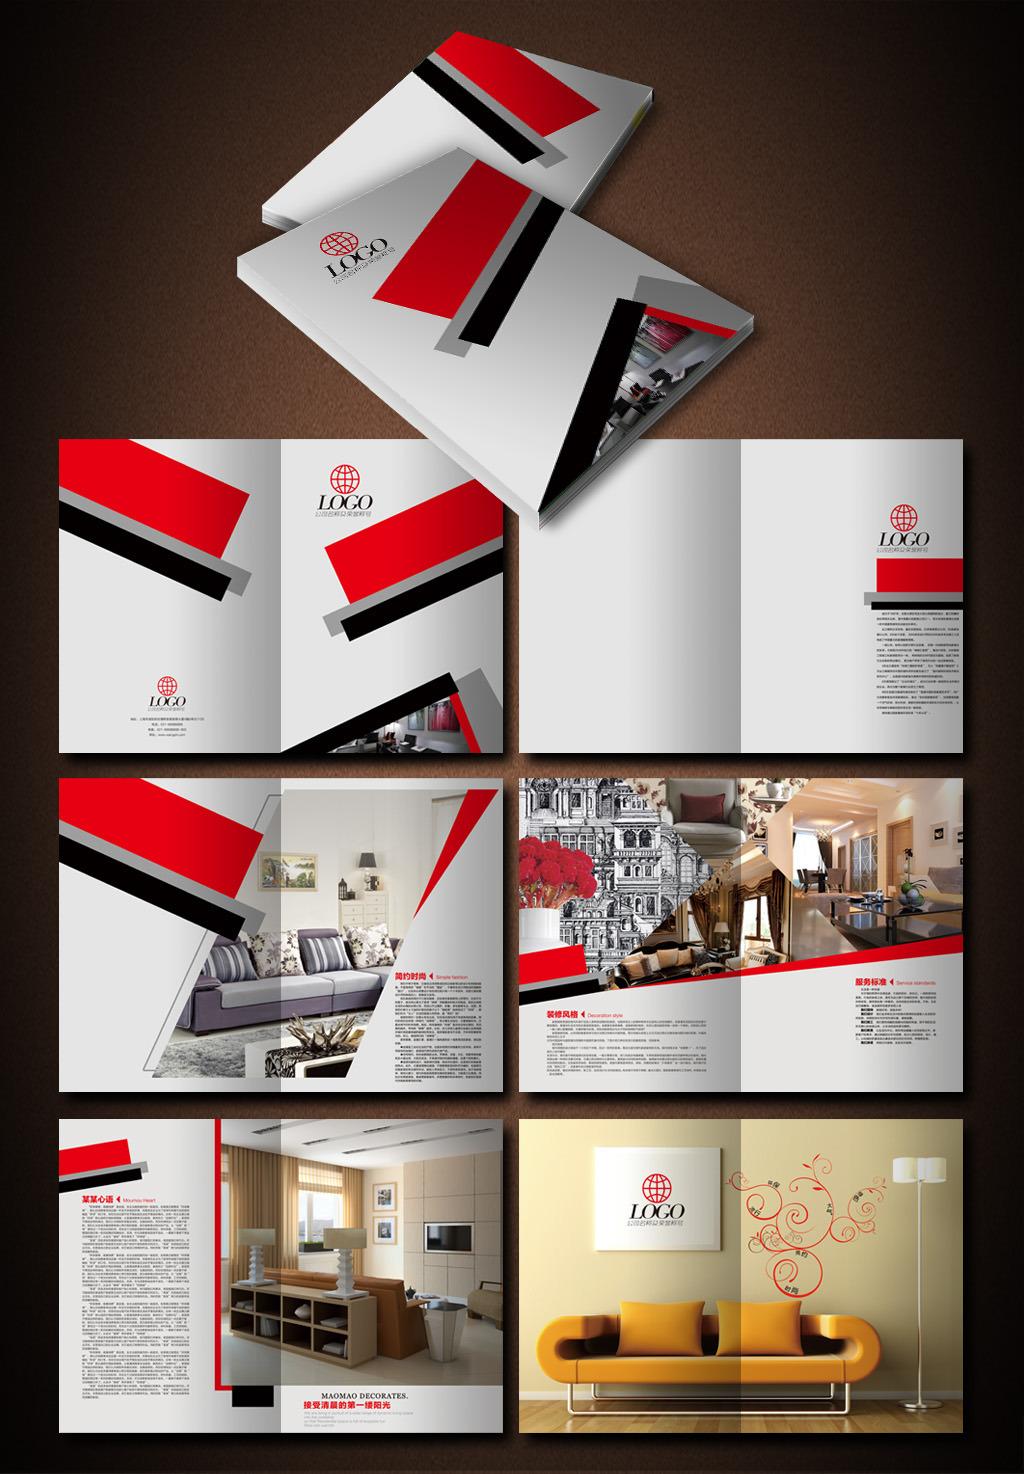 创意简约风格装饰公司画册宣传册模板下载图片